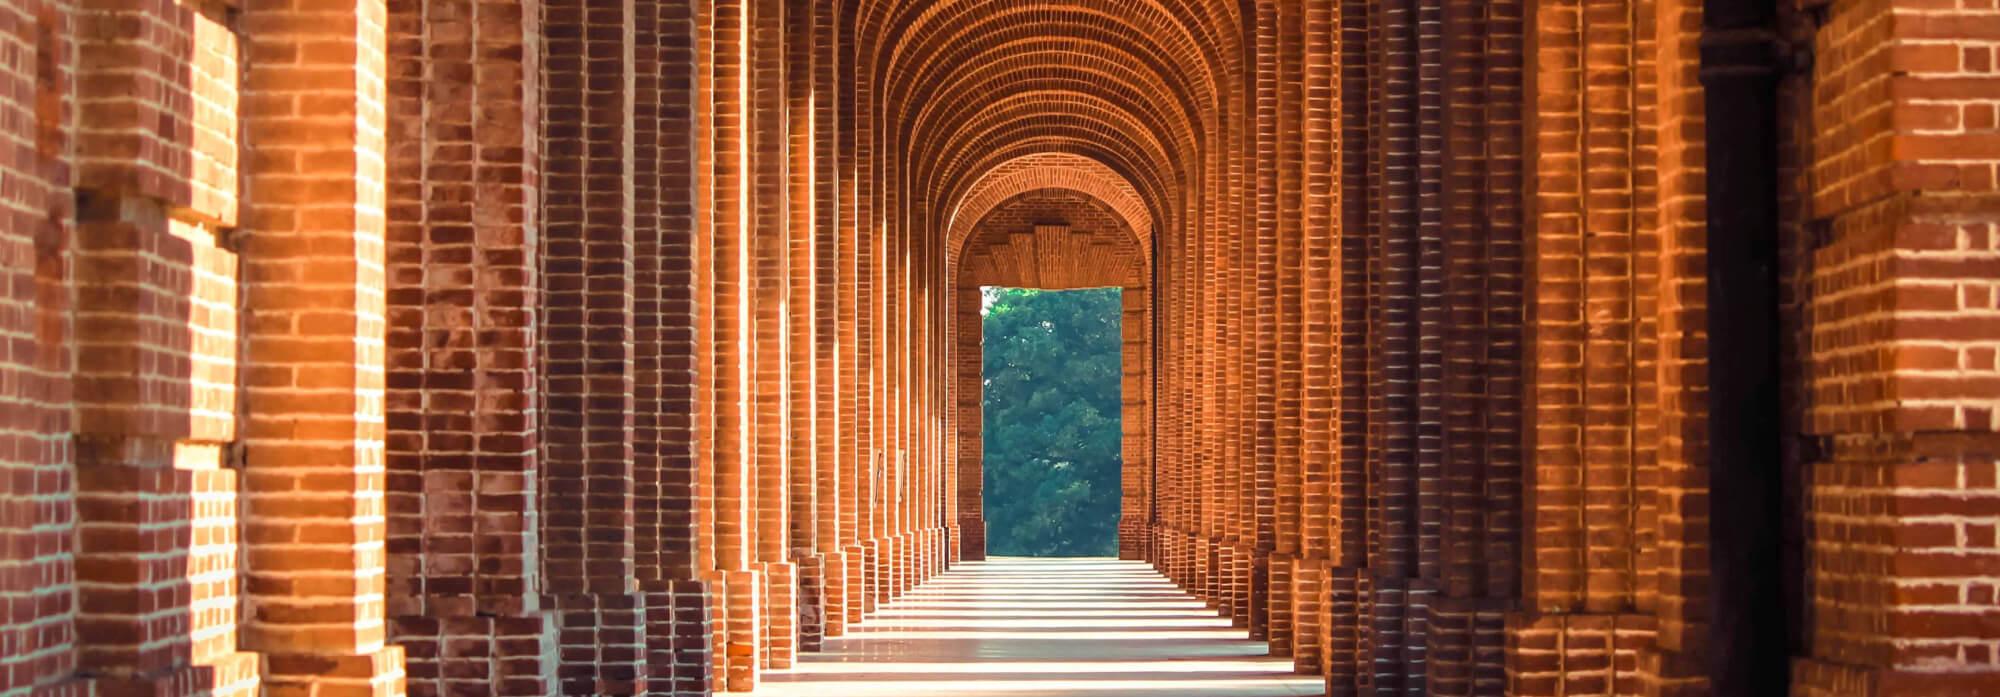 College Corridor